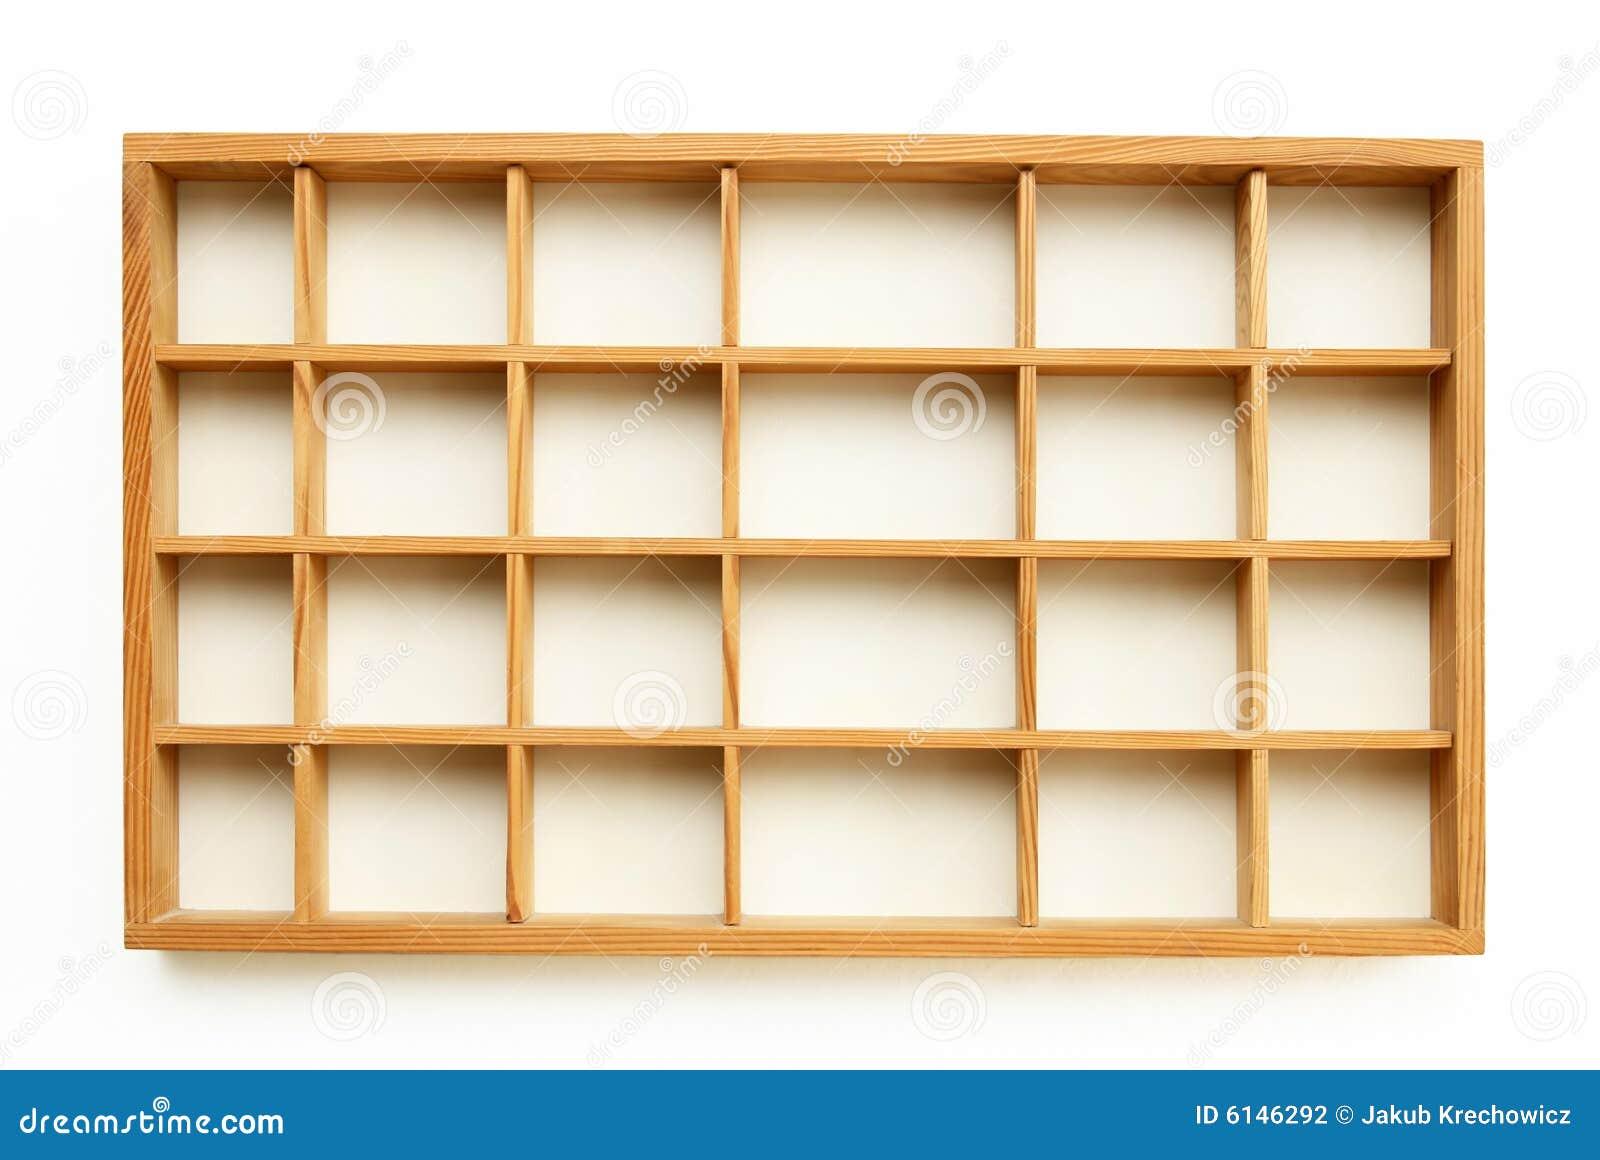 Peque os estantes de madera foto de archivo imagen de - Estantes de madera para pared ...